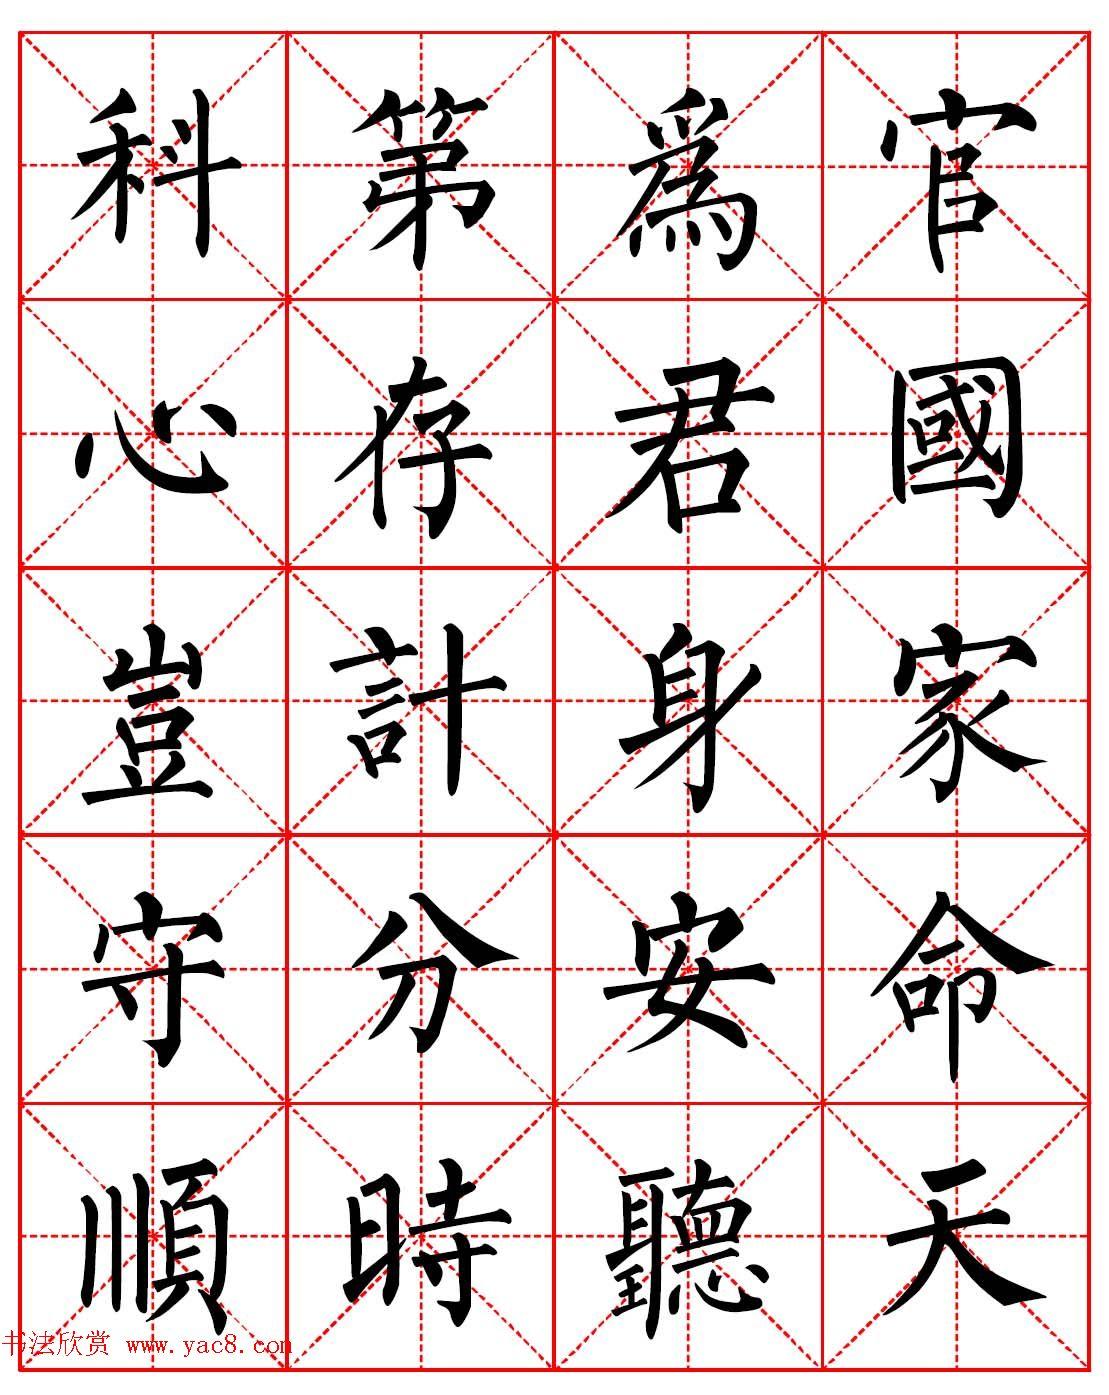 柳体书法字帖欣赏《朱子家训》高清集字版(13)图片